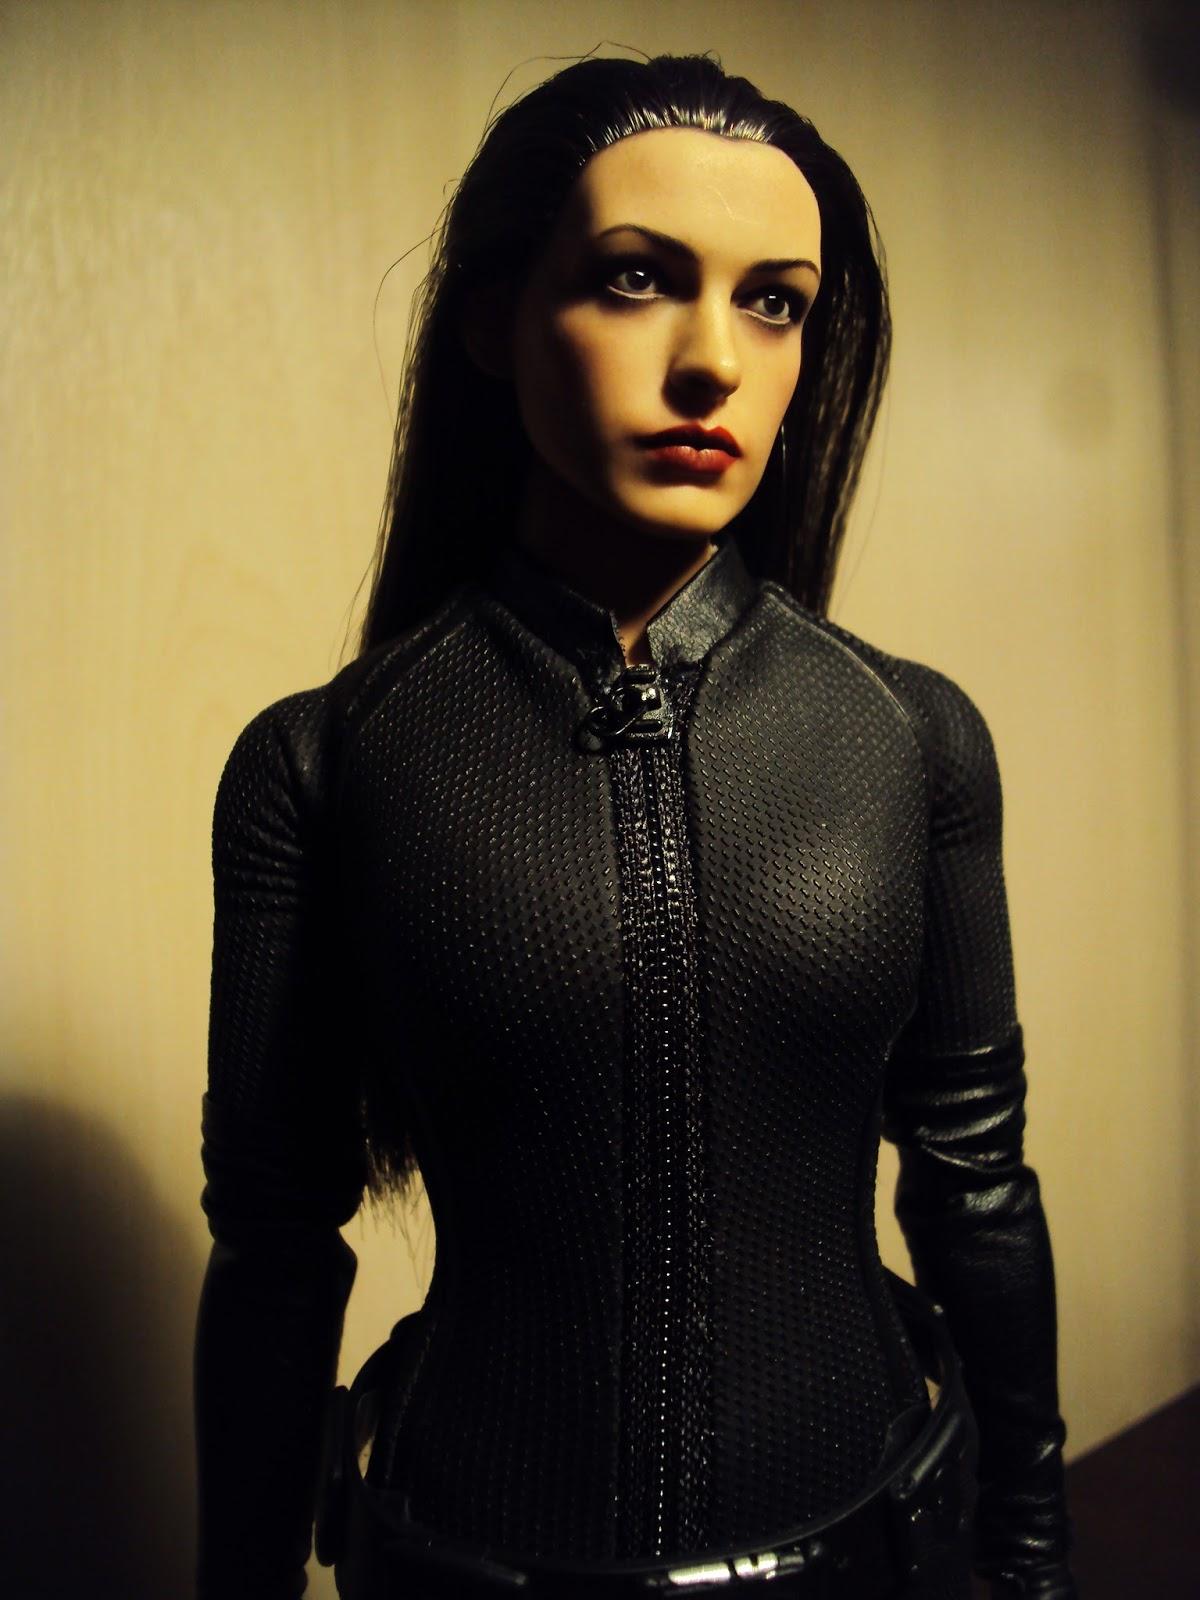 半支煙 pt 二: Hot Toys MMS188 - The Dark Knight Rises : Selina Kyle.